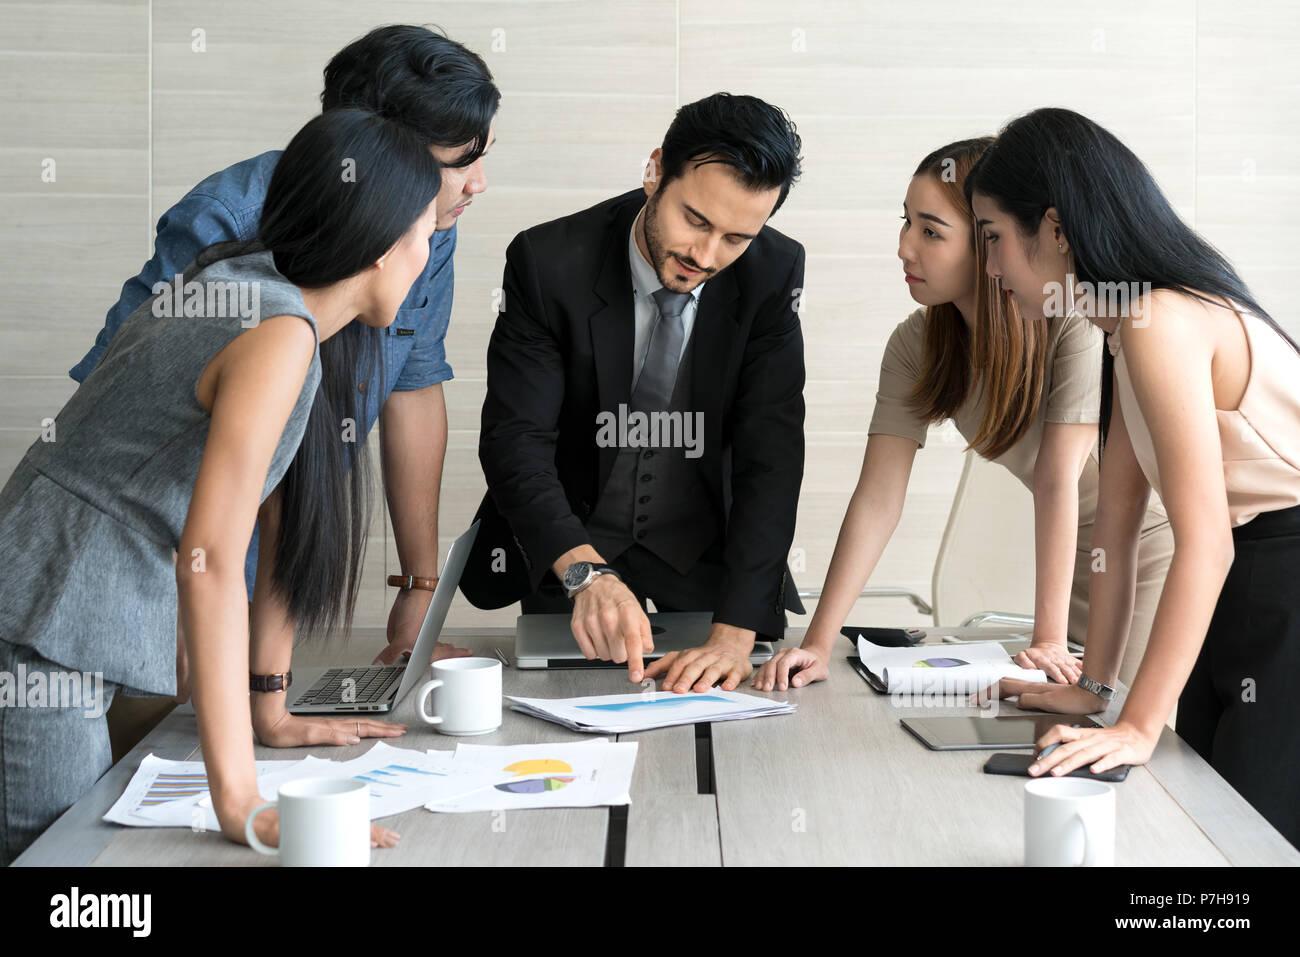 Smart manager explicando la reunión interna a su equipo de proyectos en la oficina moderna. La persona de negocios grupo multiétnico en traje. Proyecto y empresa c Imagen De Stock